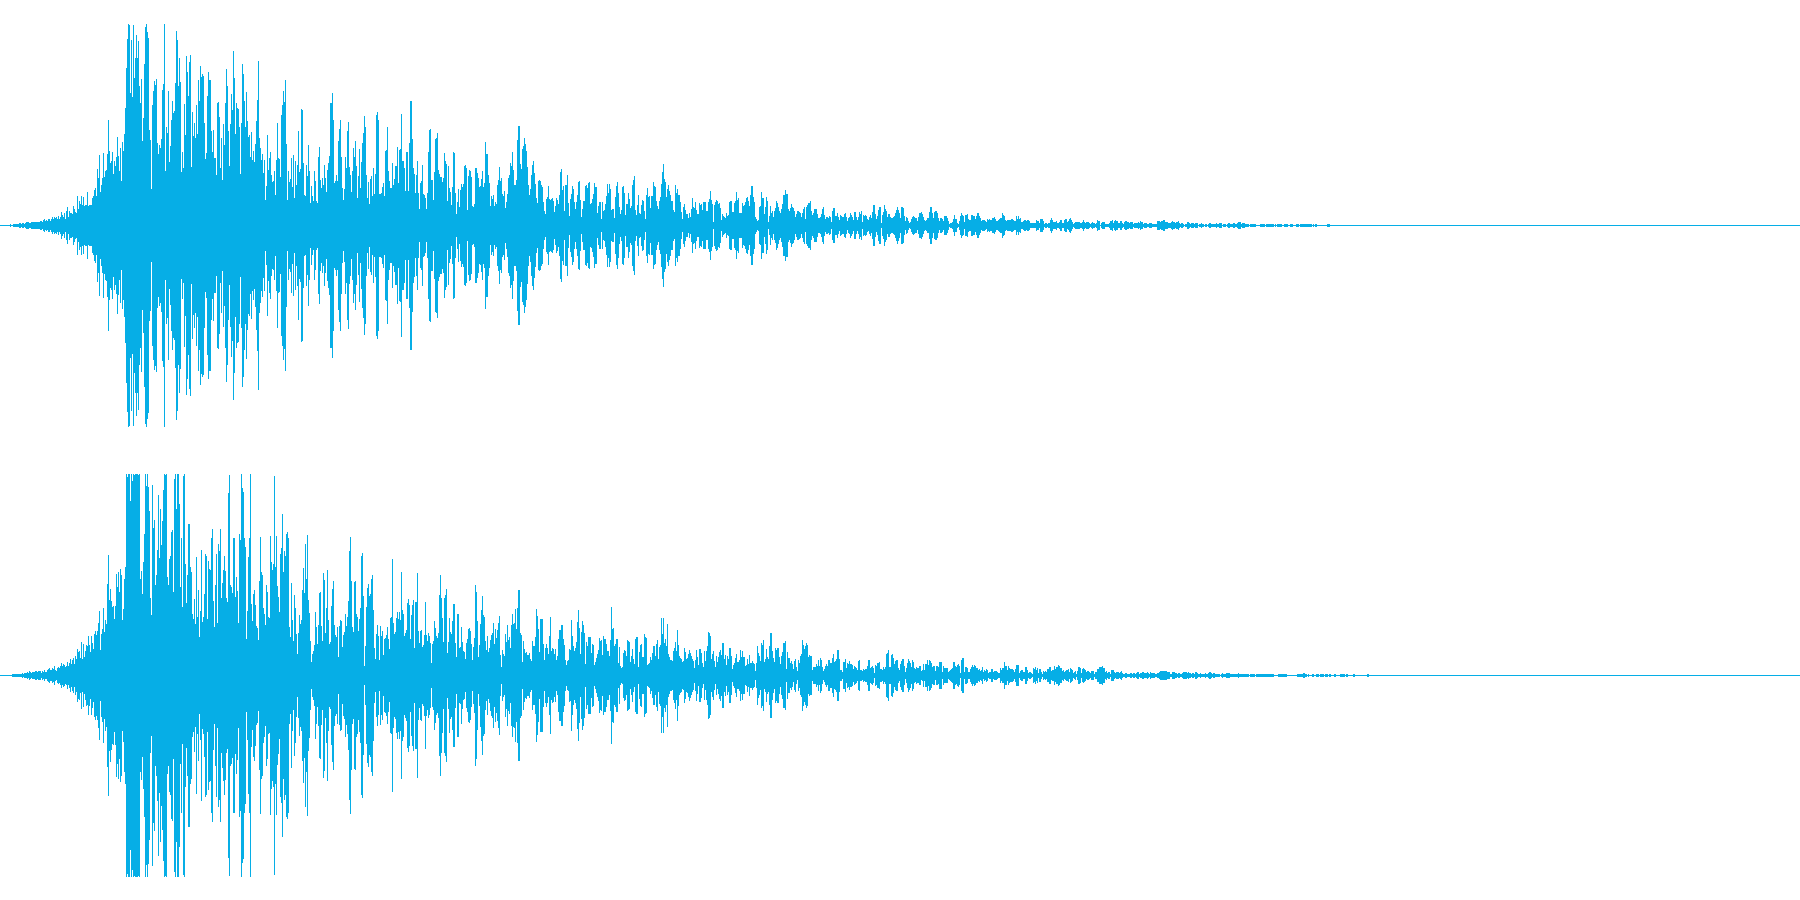 シュードーン-24-1(インパクト音)の再生済みの波形